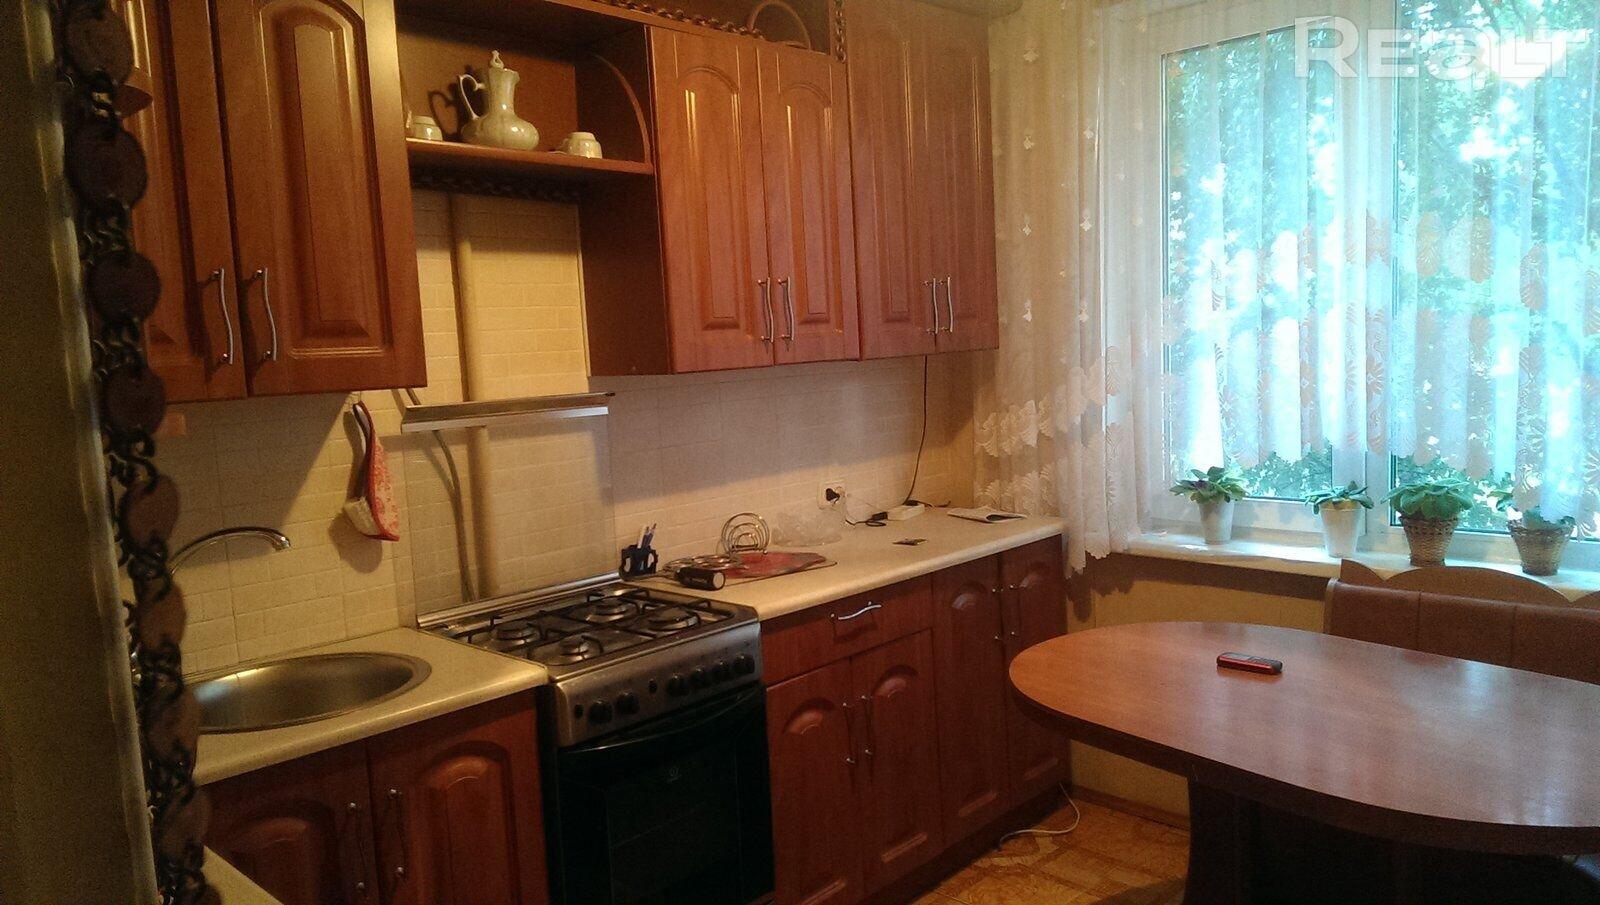 Продажа 2-х комнатной квартиры в г. Гомеле, ул. Свиридова, дом 22 (р-н Волотова). Цена 74 762 руб c торгом